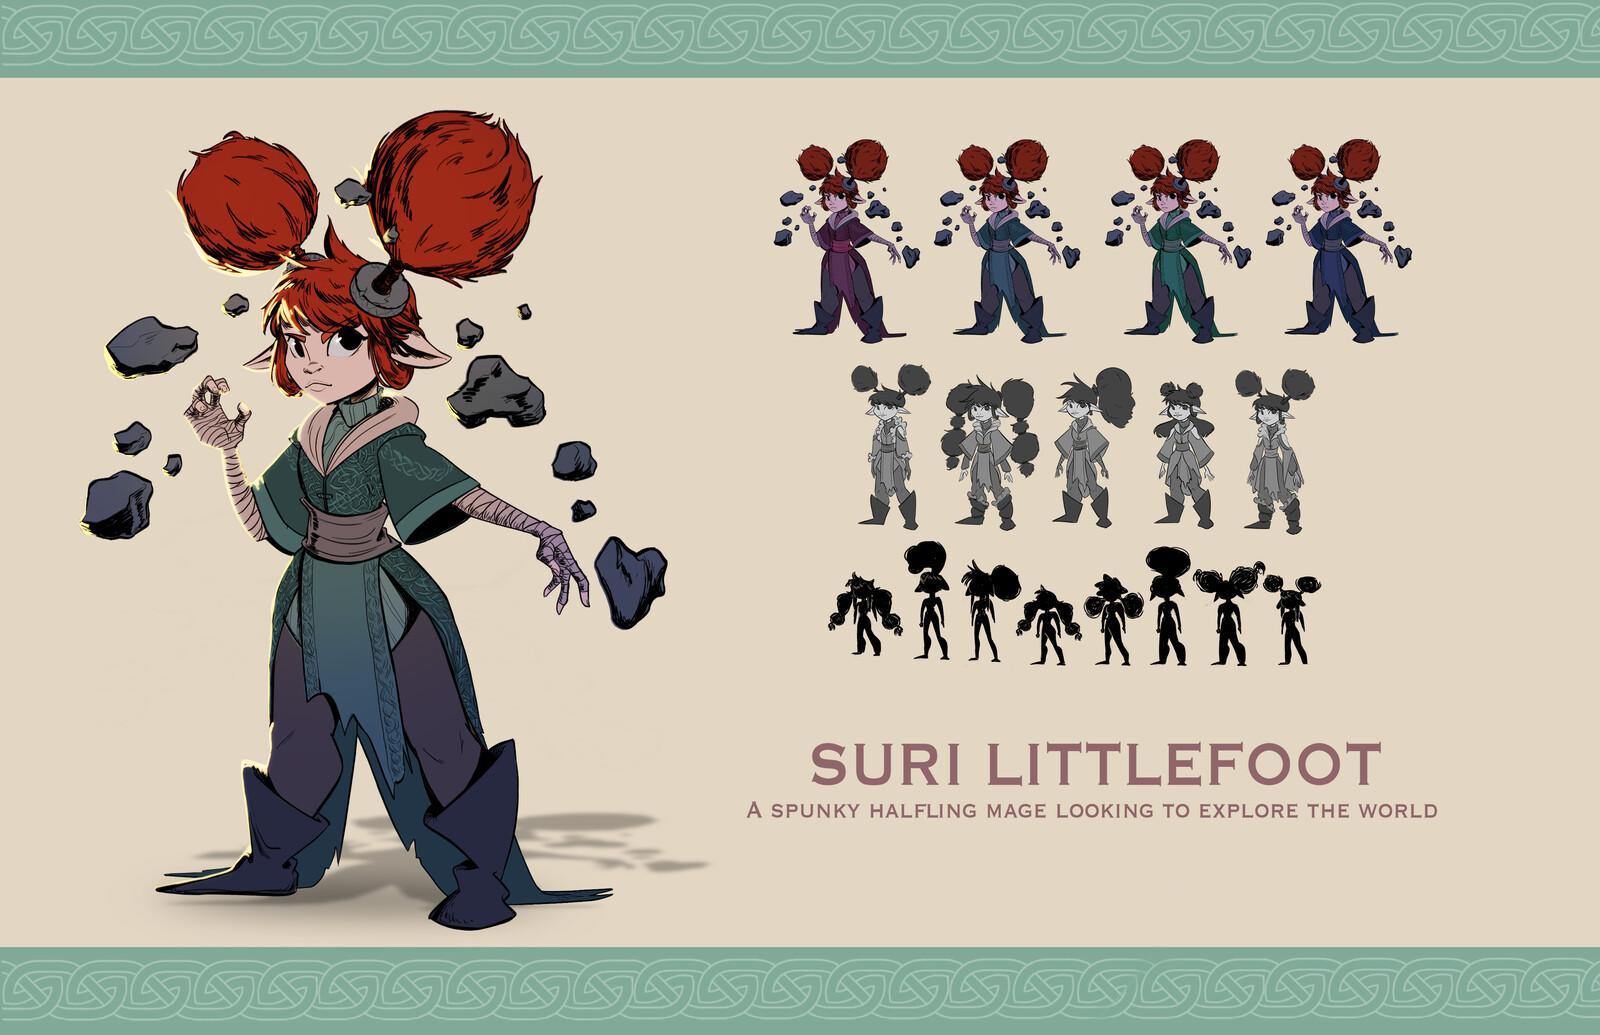 Suri Littlefoot - Character Exploration